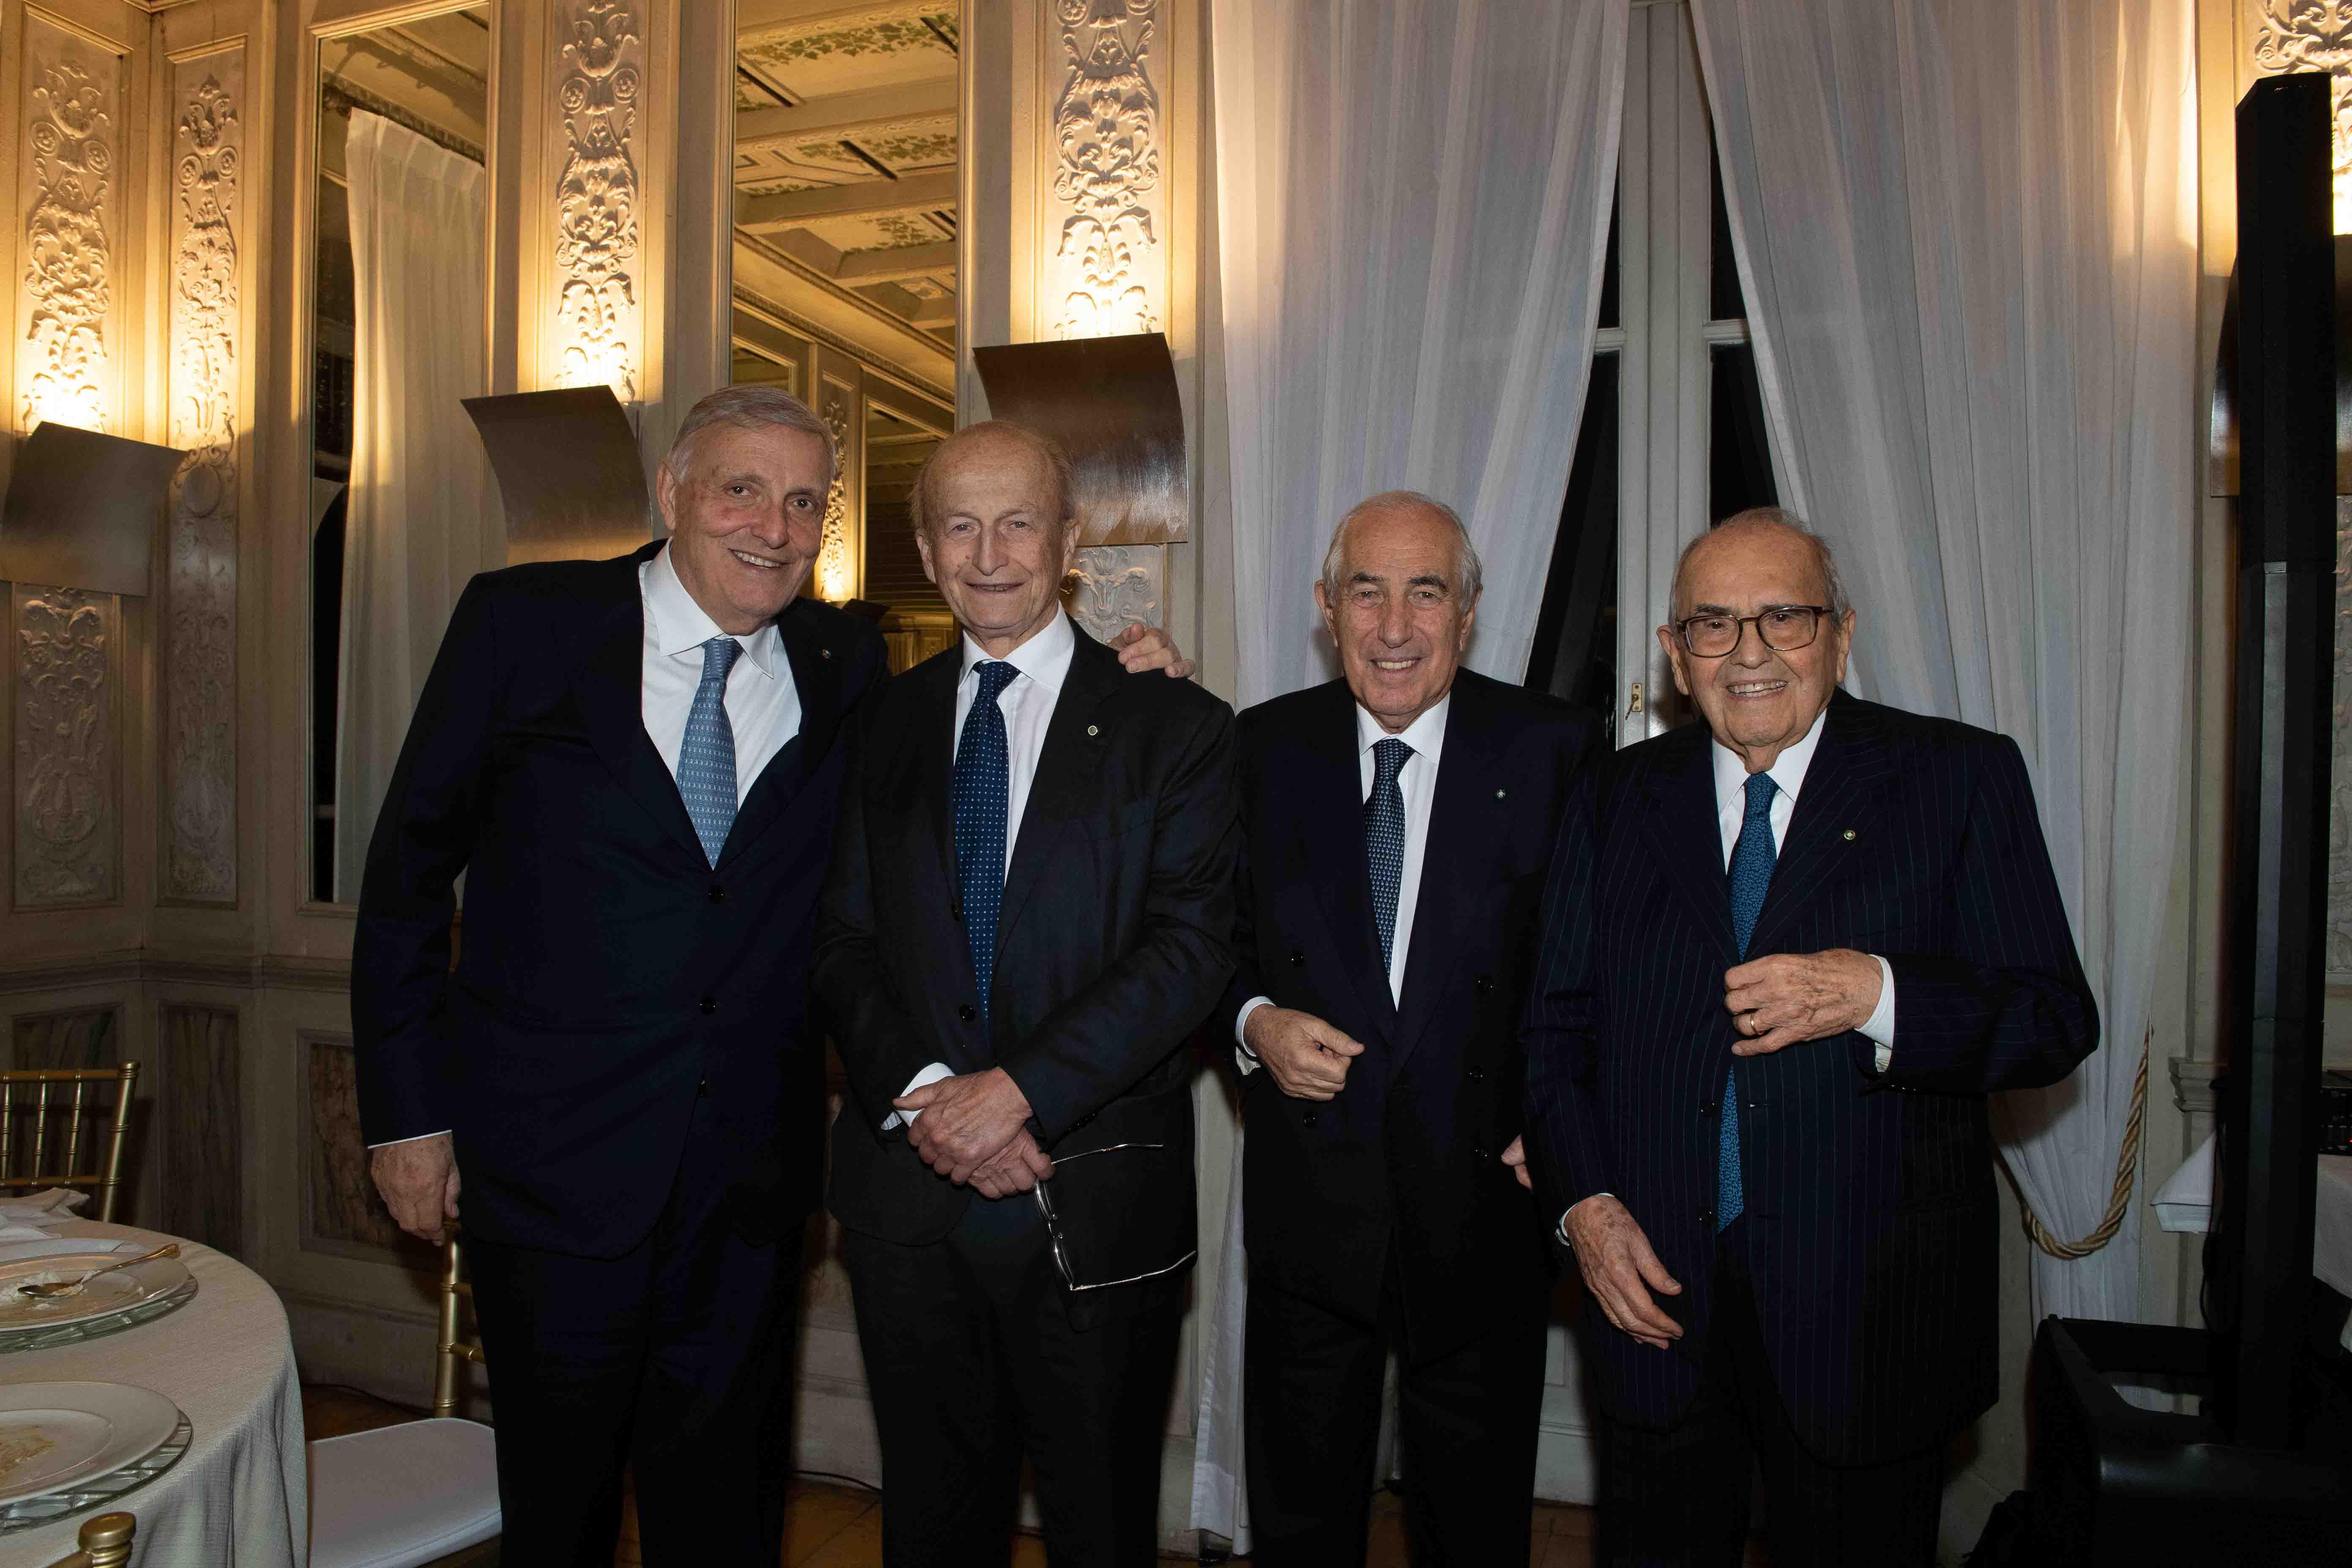 Gruppo Centrale, cena di Natale (Roma - Casina Valadier, 12 dicembre 2019)